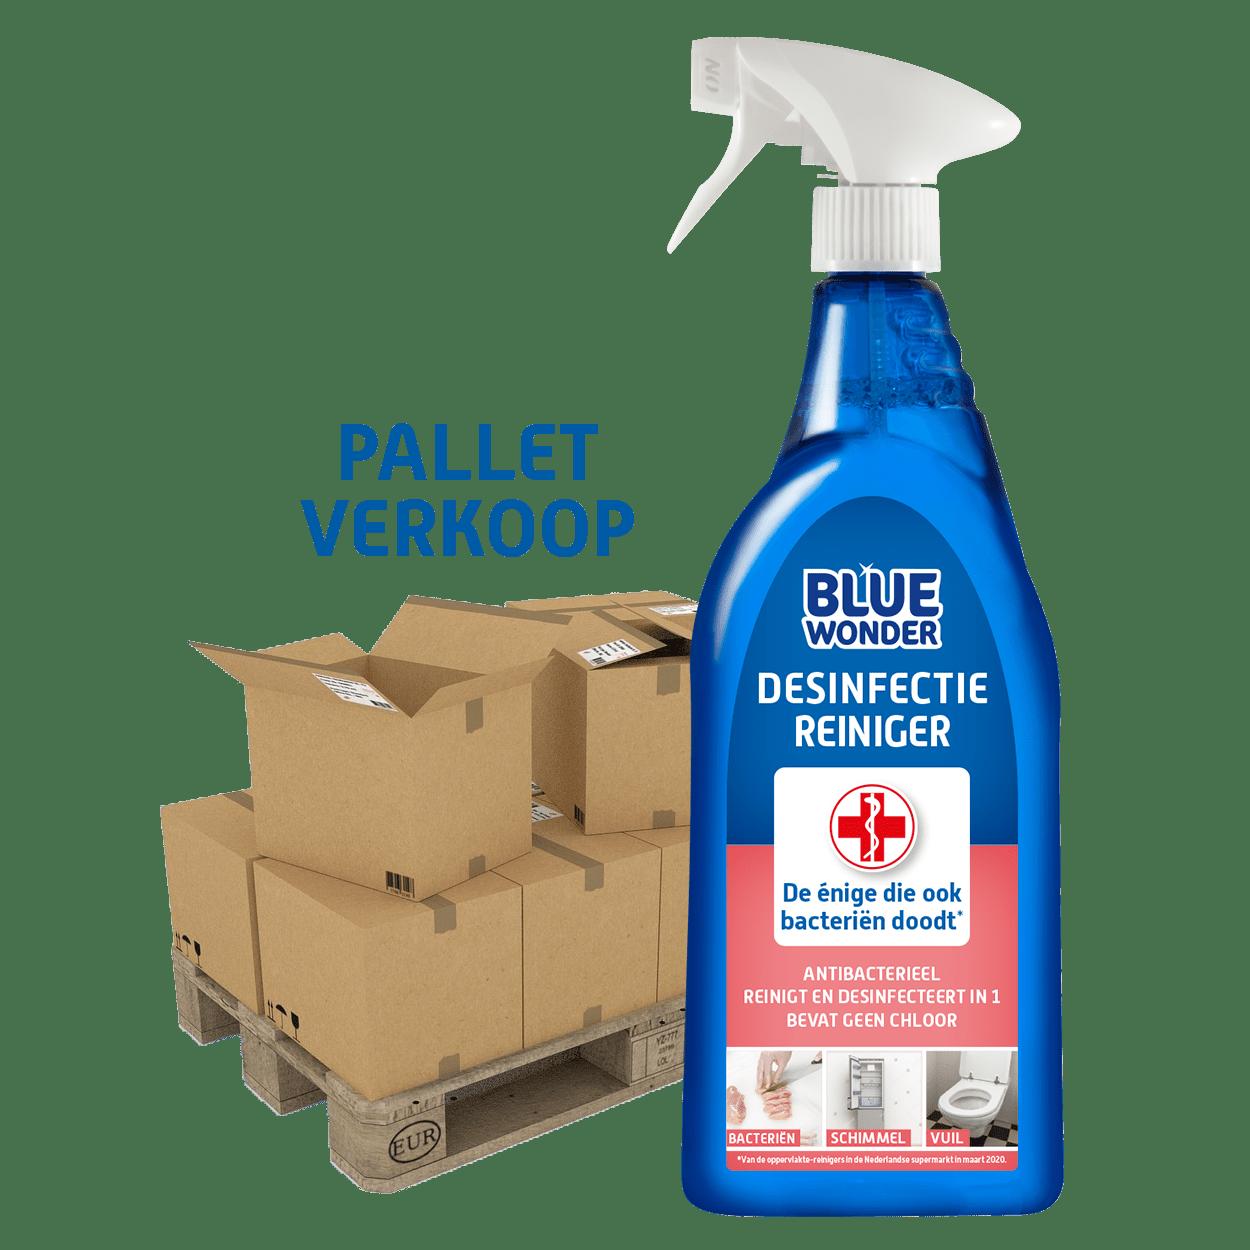 8712038000892 Blue Wonder Desinfectie reiniger spray PALLET